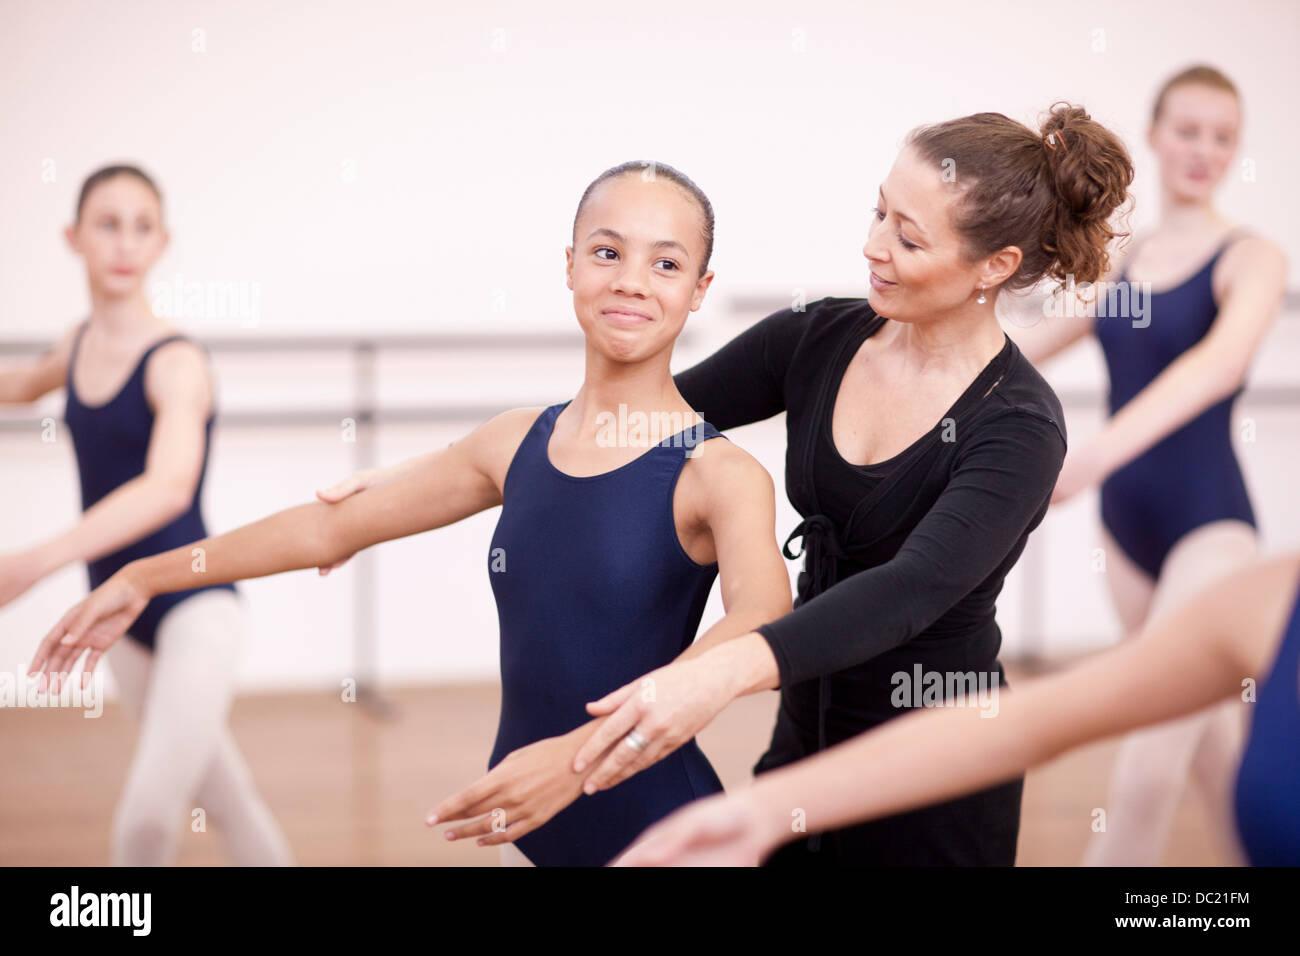 Insegnante bracci di regolazione del timido teenage ballerina Immagini Stock